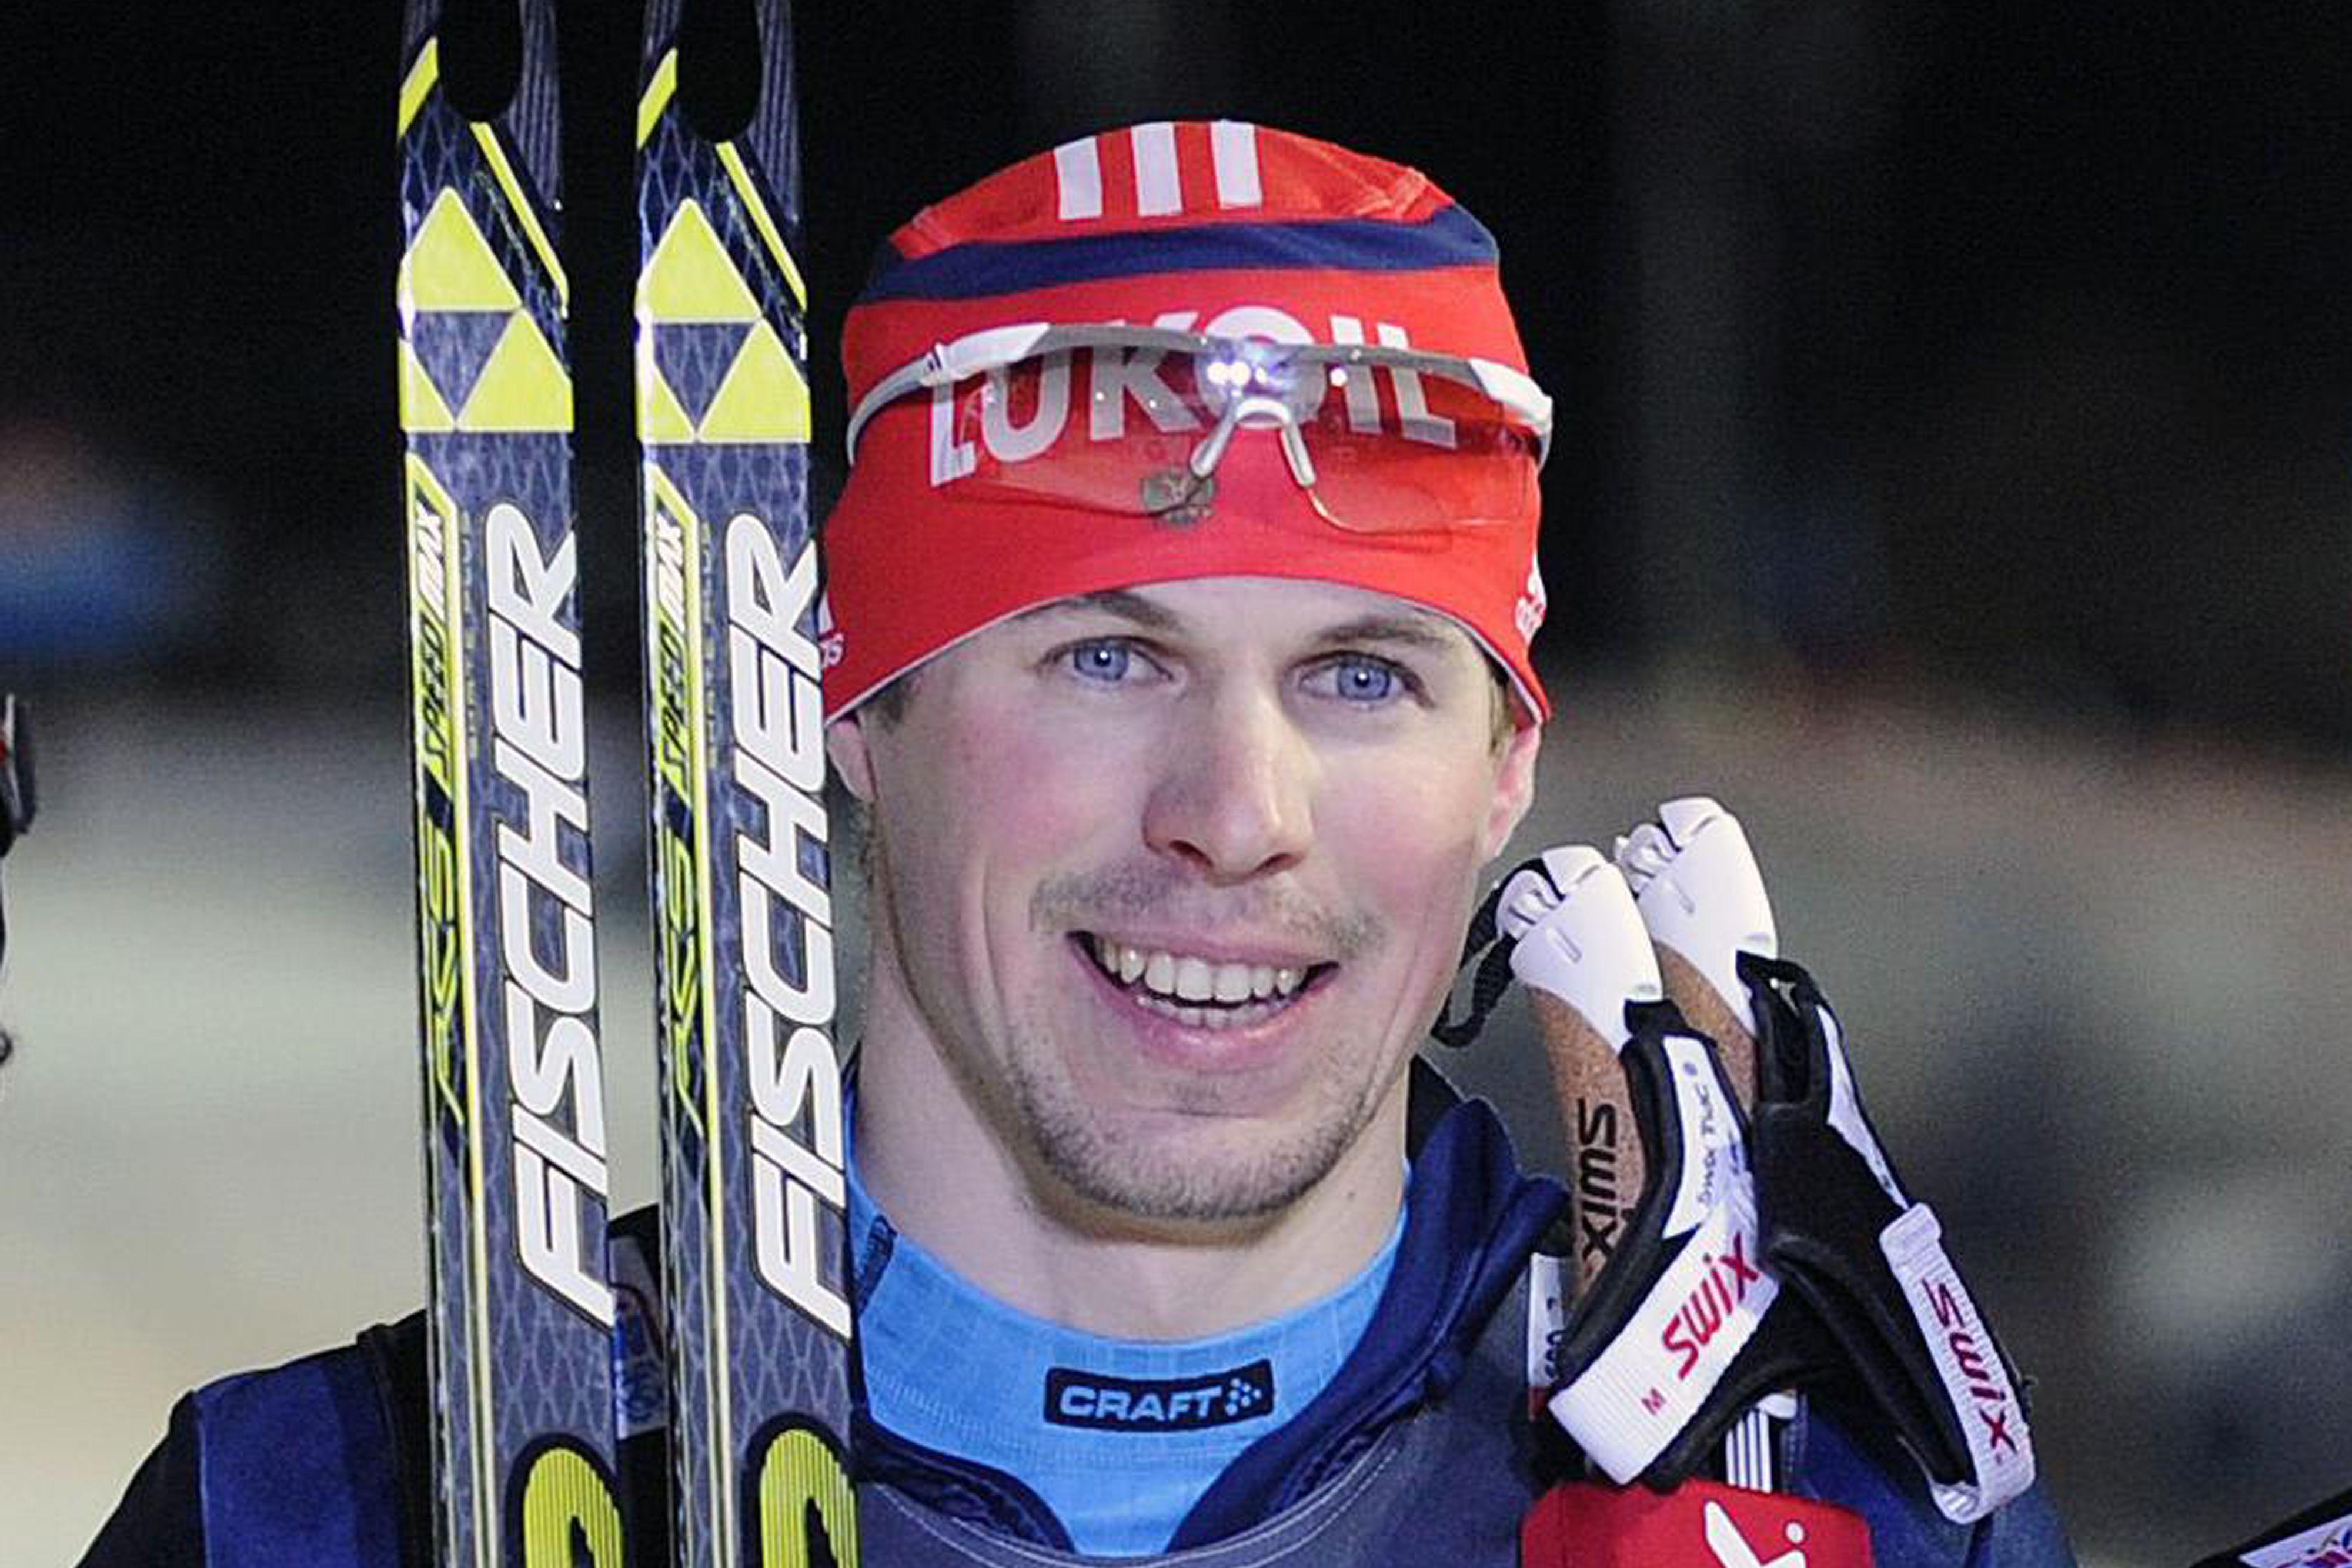 Лыжник Устюгов рассказал, как его путают с биатлонистом